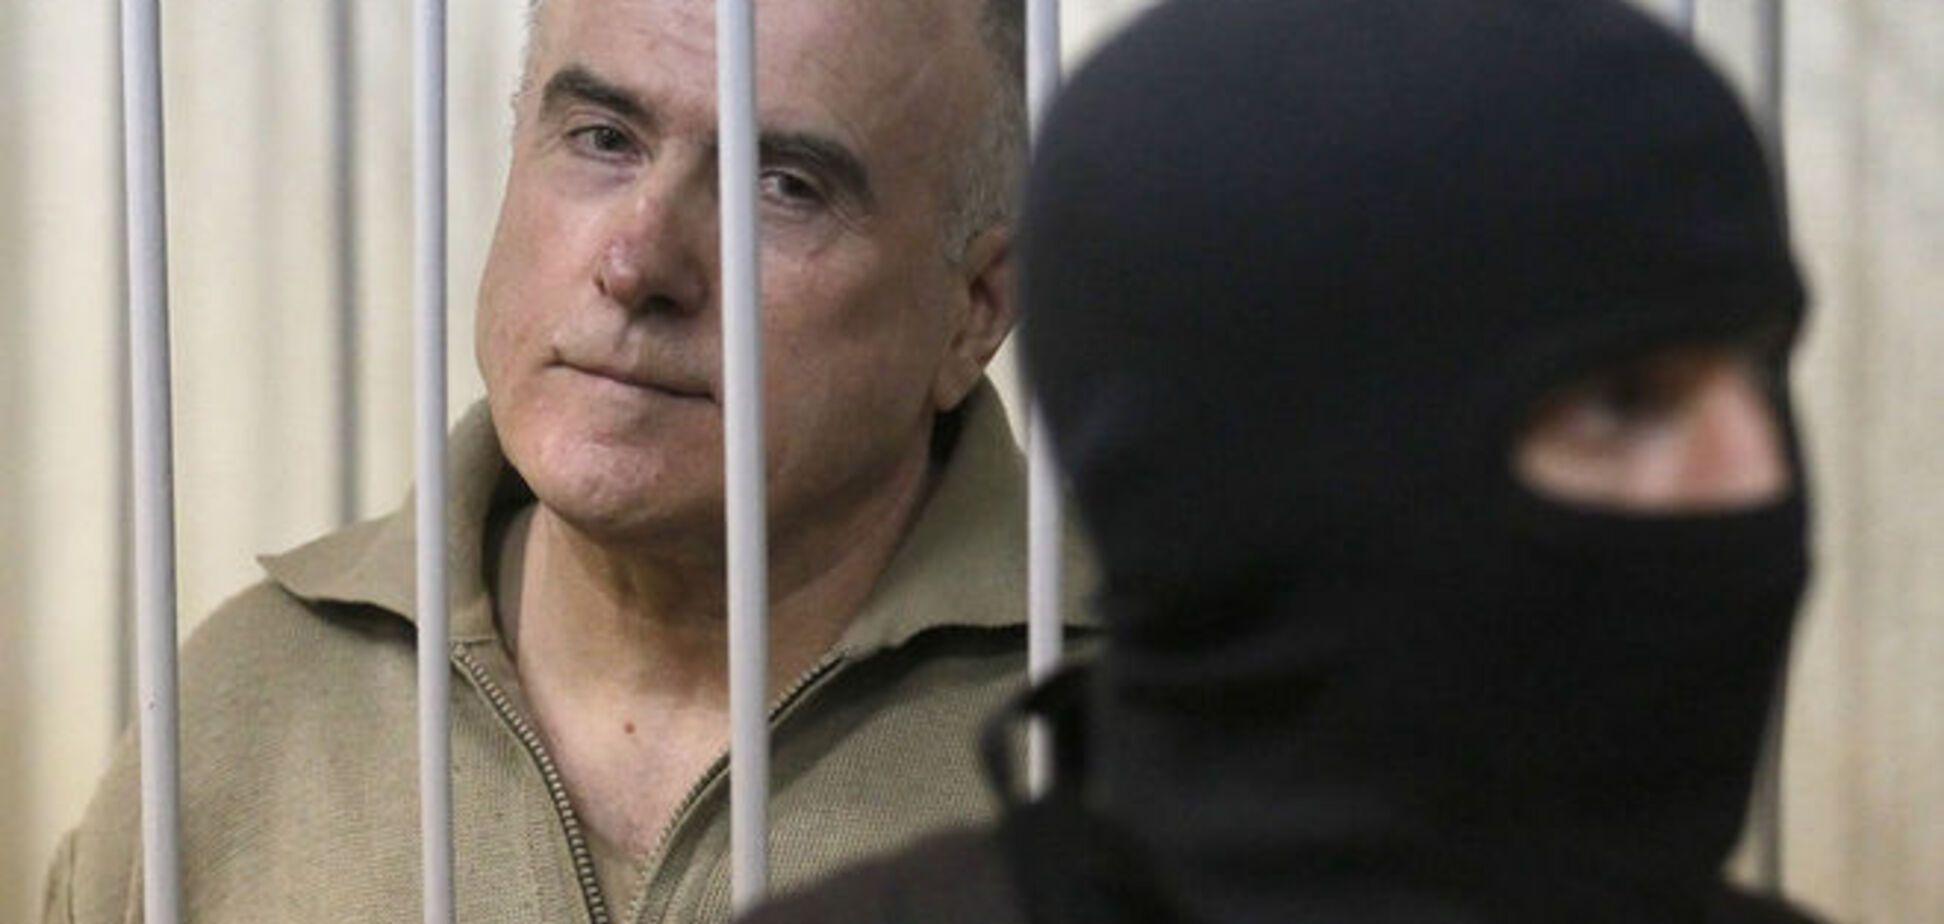 Адвокат уверена, что Гонгадзе убил Пукач